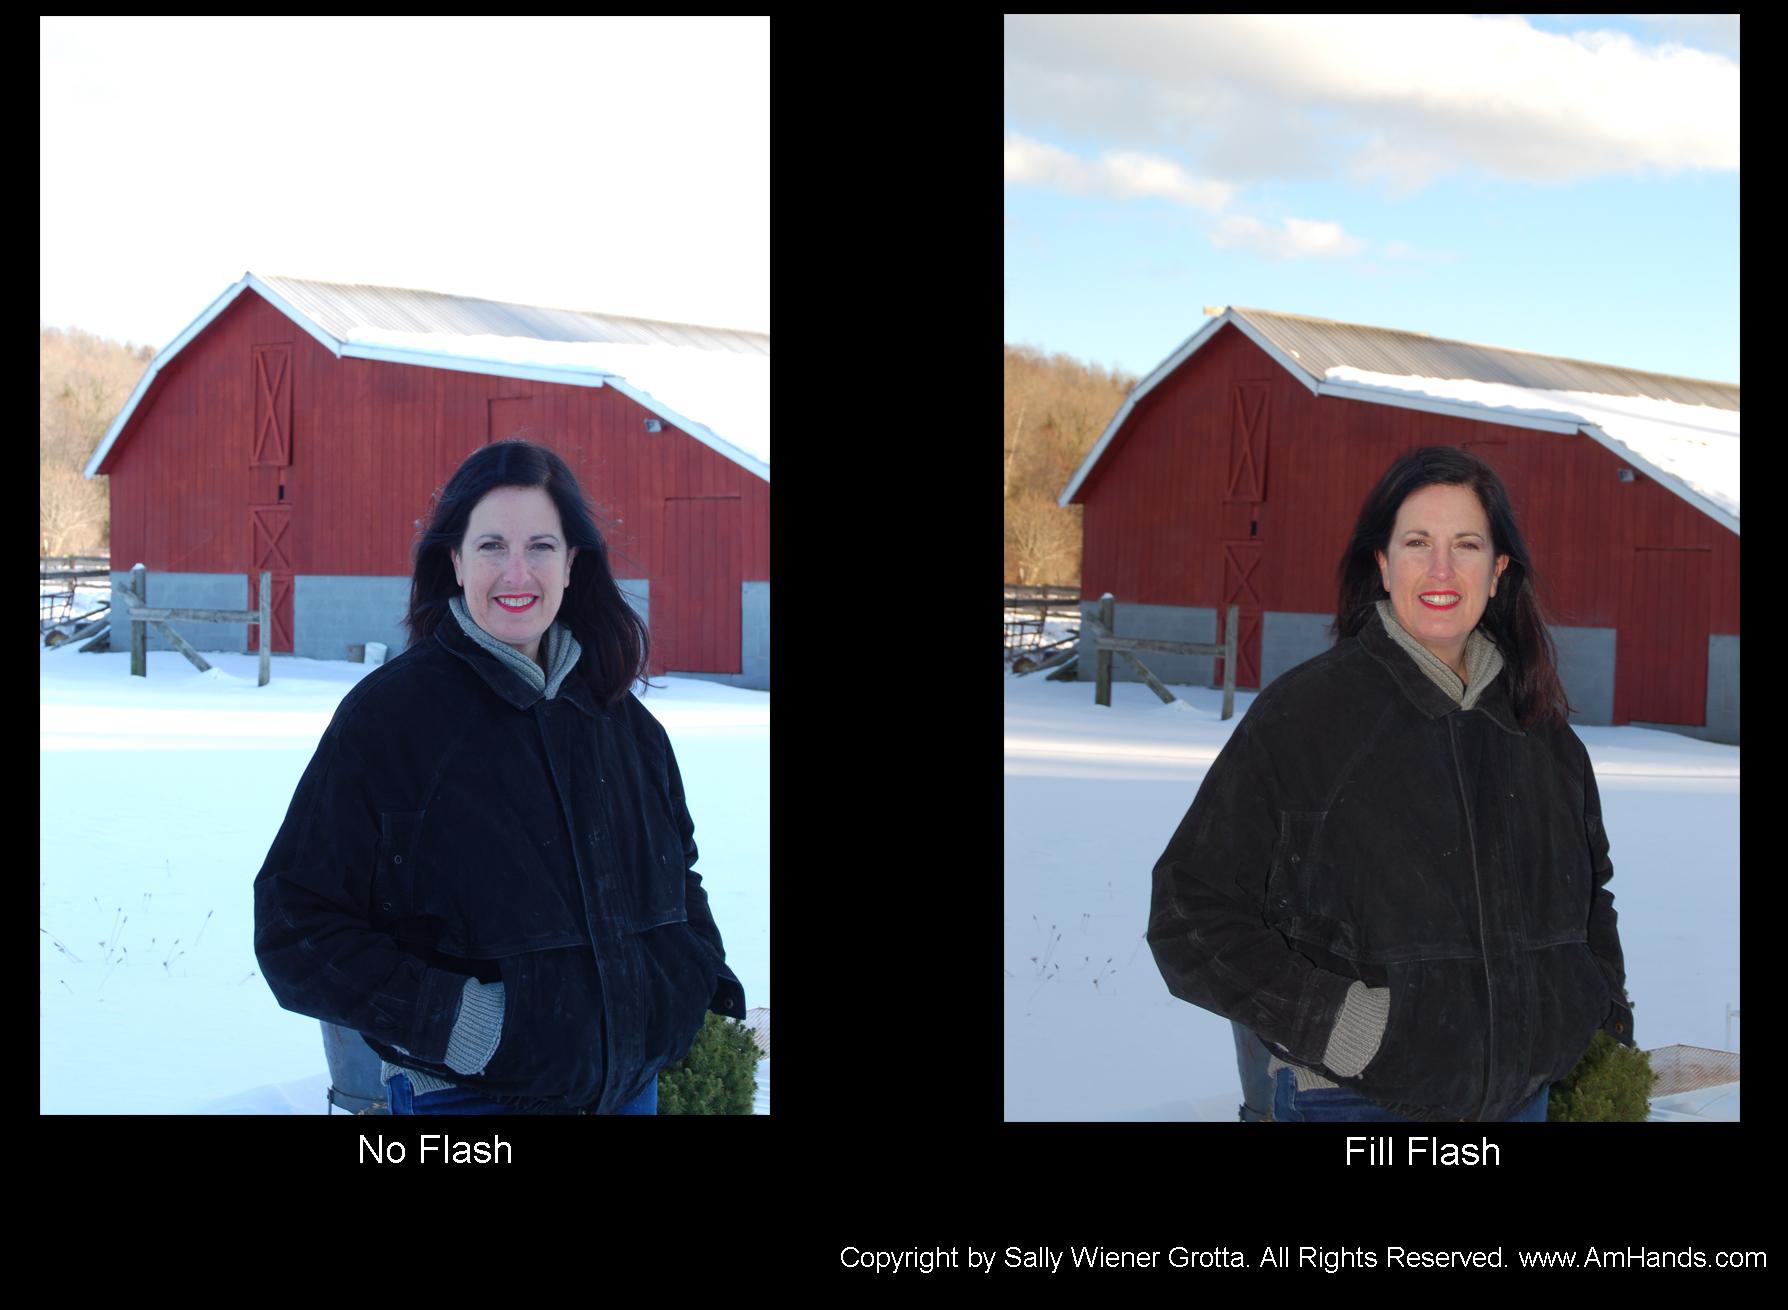 Fill flash comparison